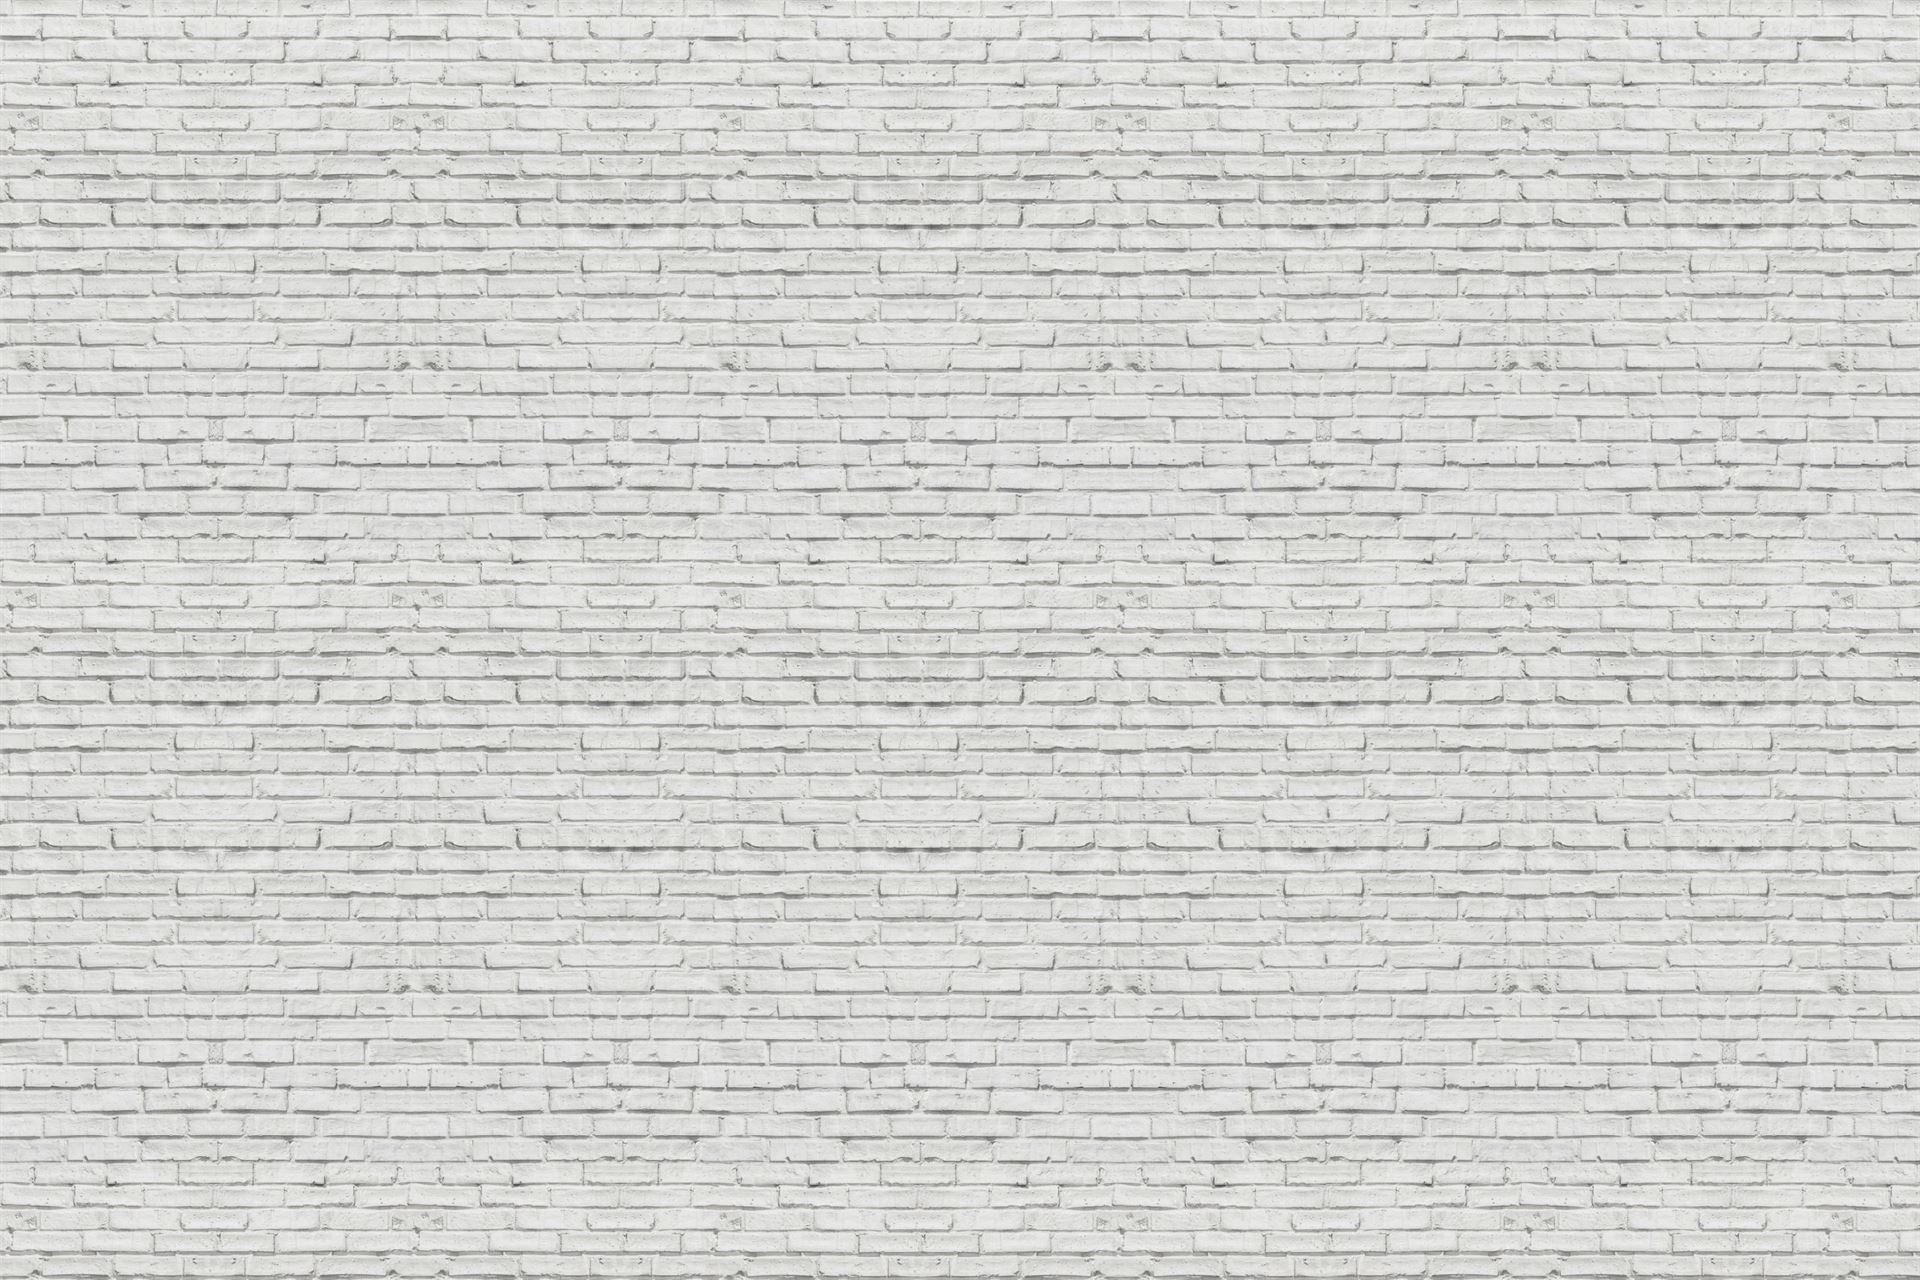 carta da parati bagno effetto mattoni , idrosanitaria lecco